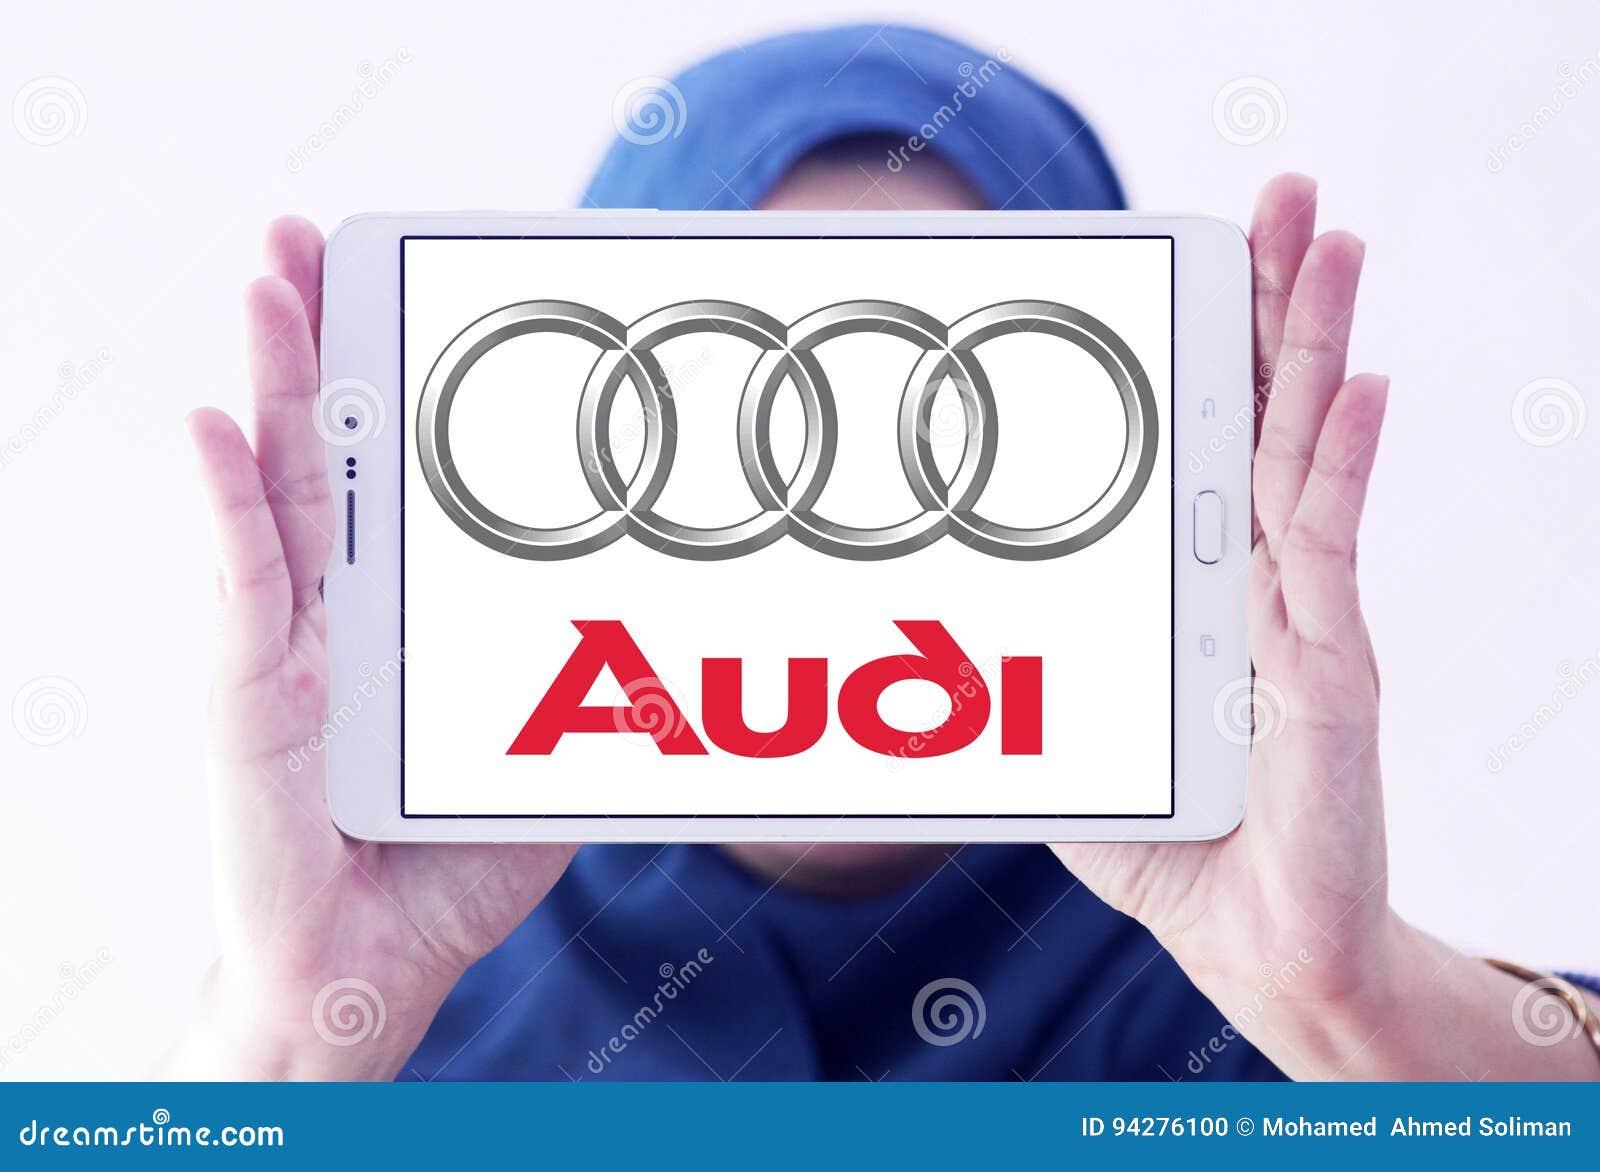 Audi Car Logo Editorial Image Image Of Phone Logo Logos 94276100